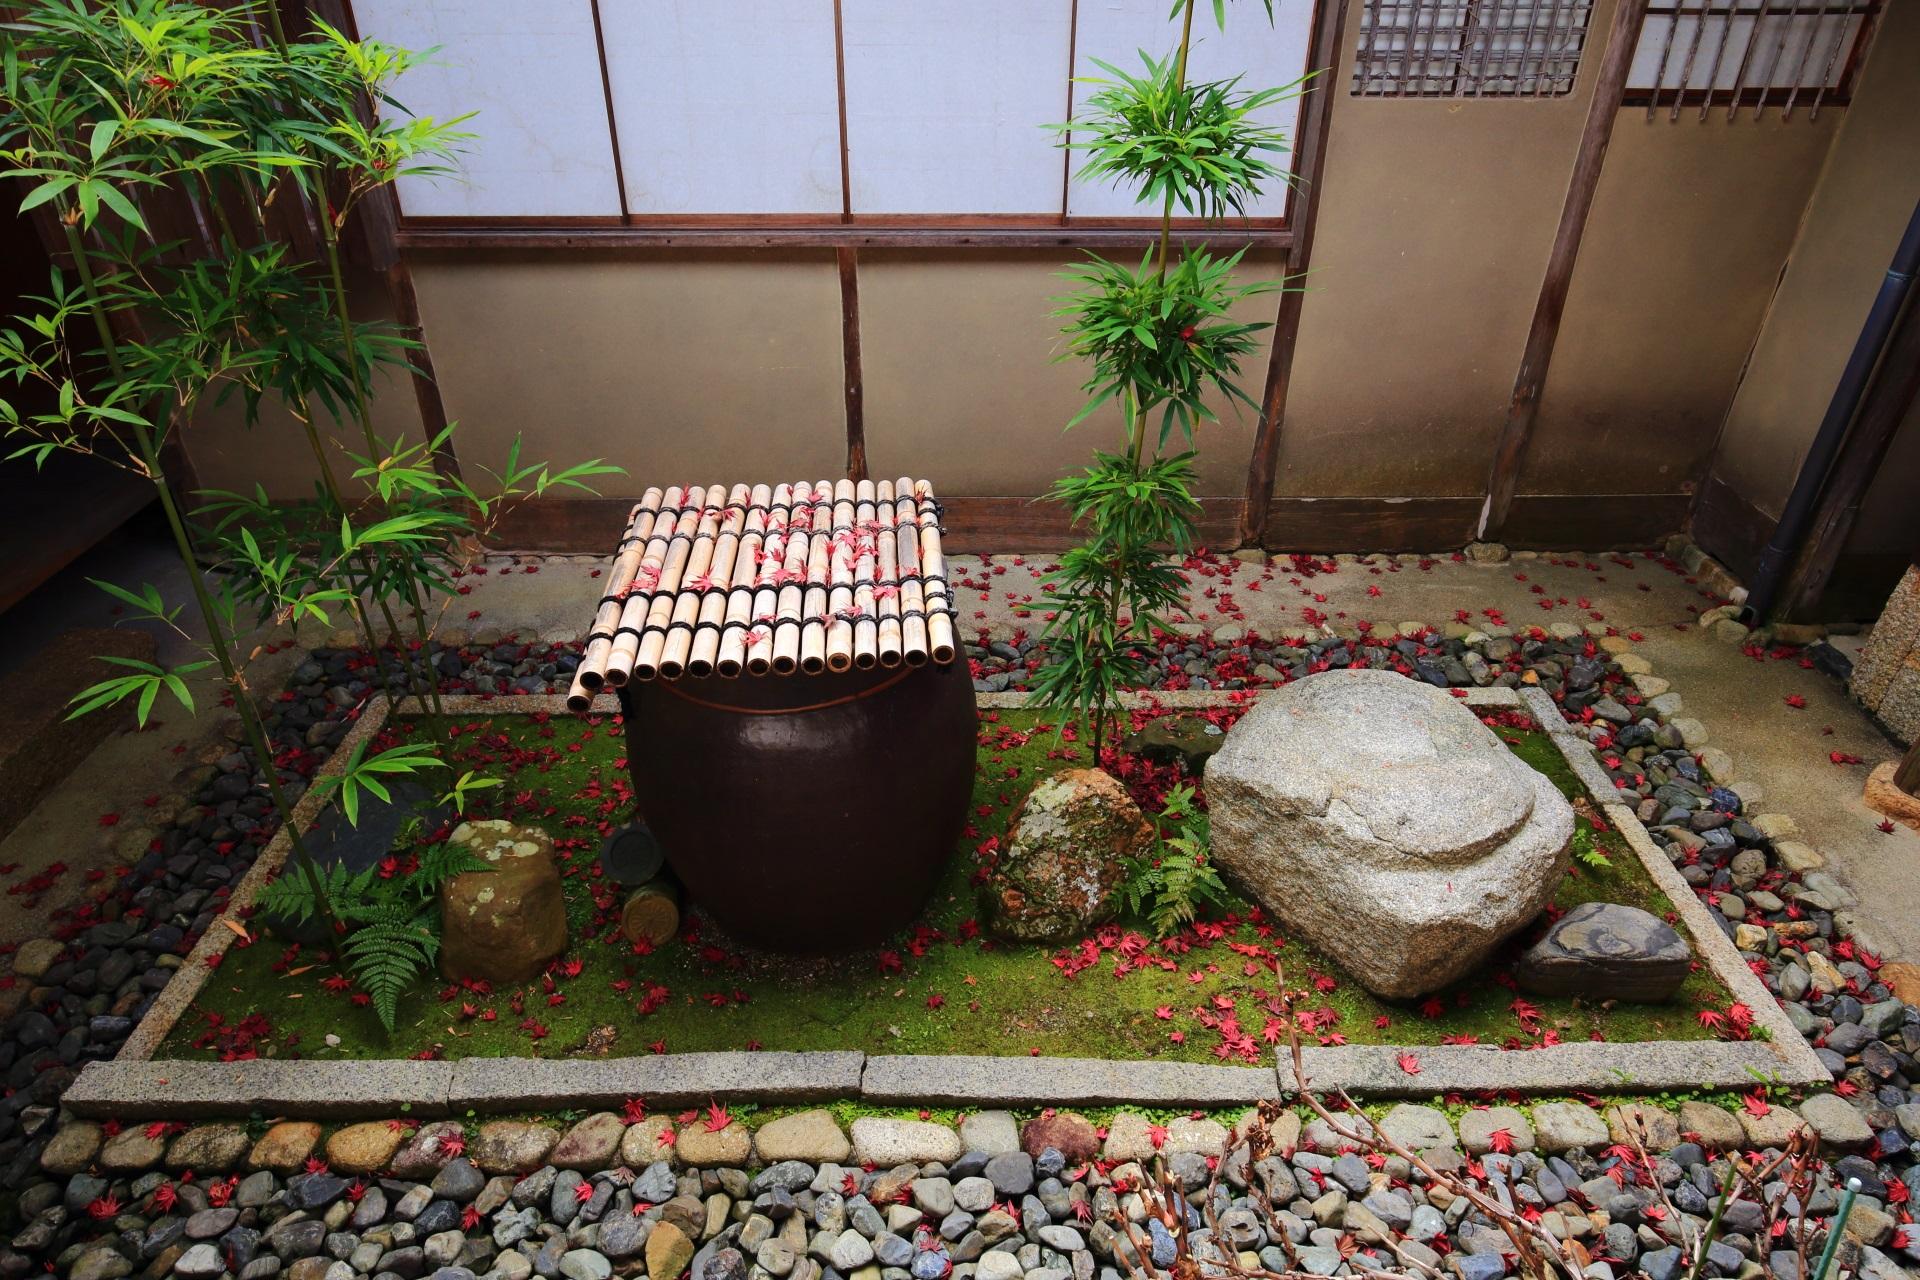 控えめな散り紅葉が華やかで上品な妙心寺大法院の風情ある秋の空間